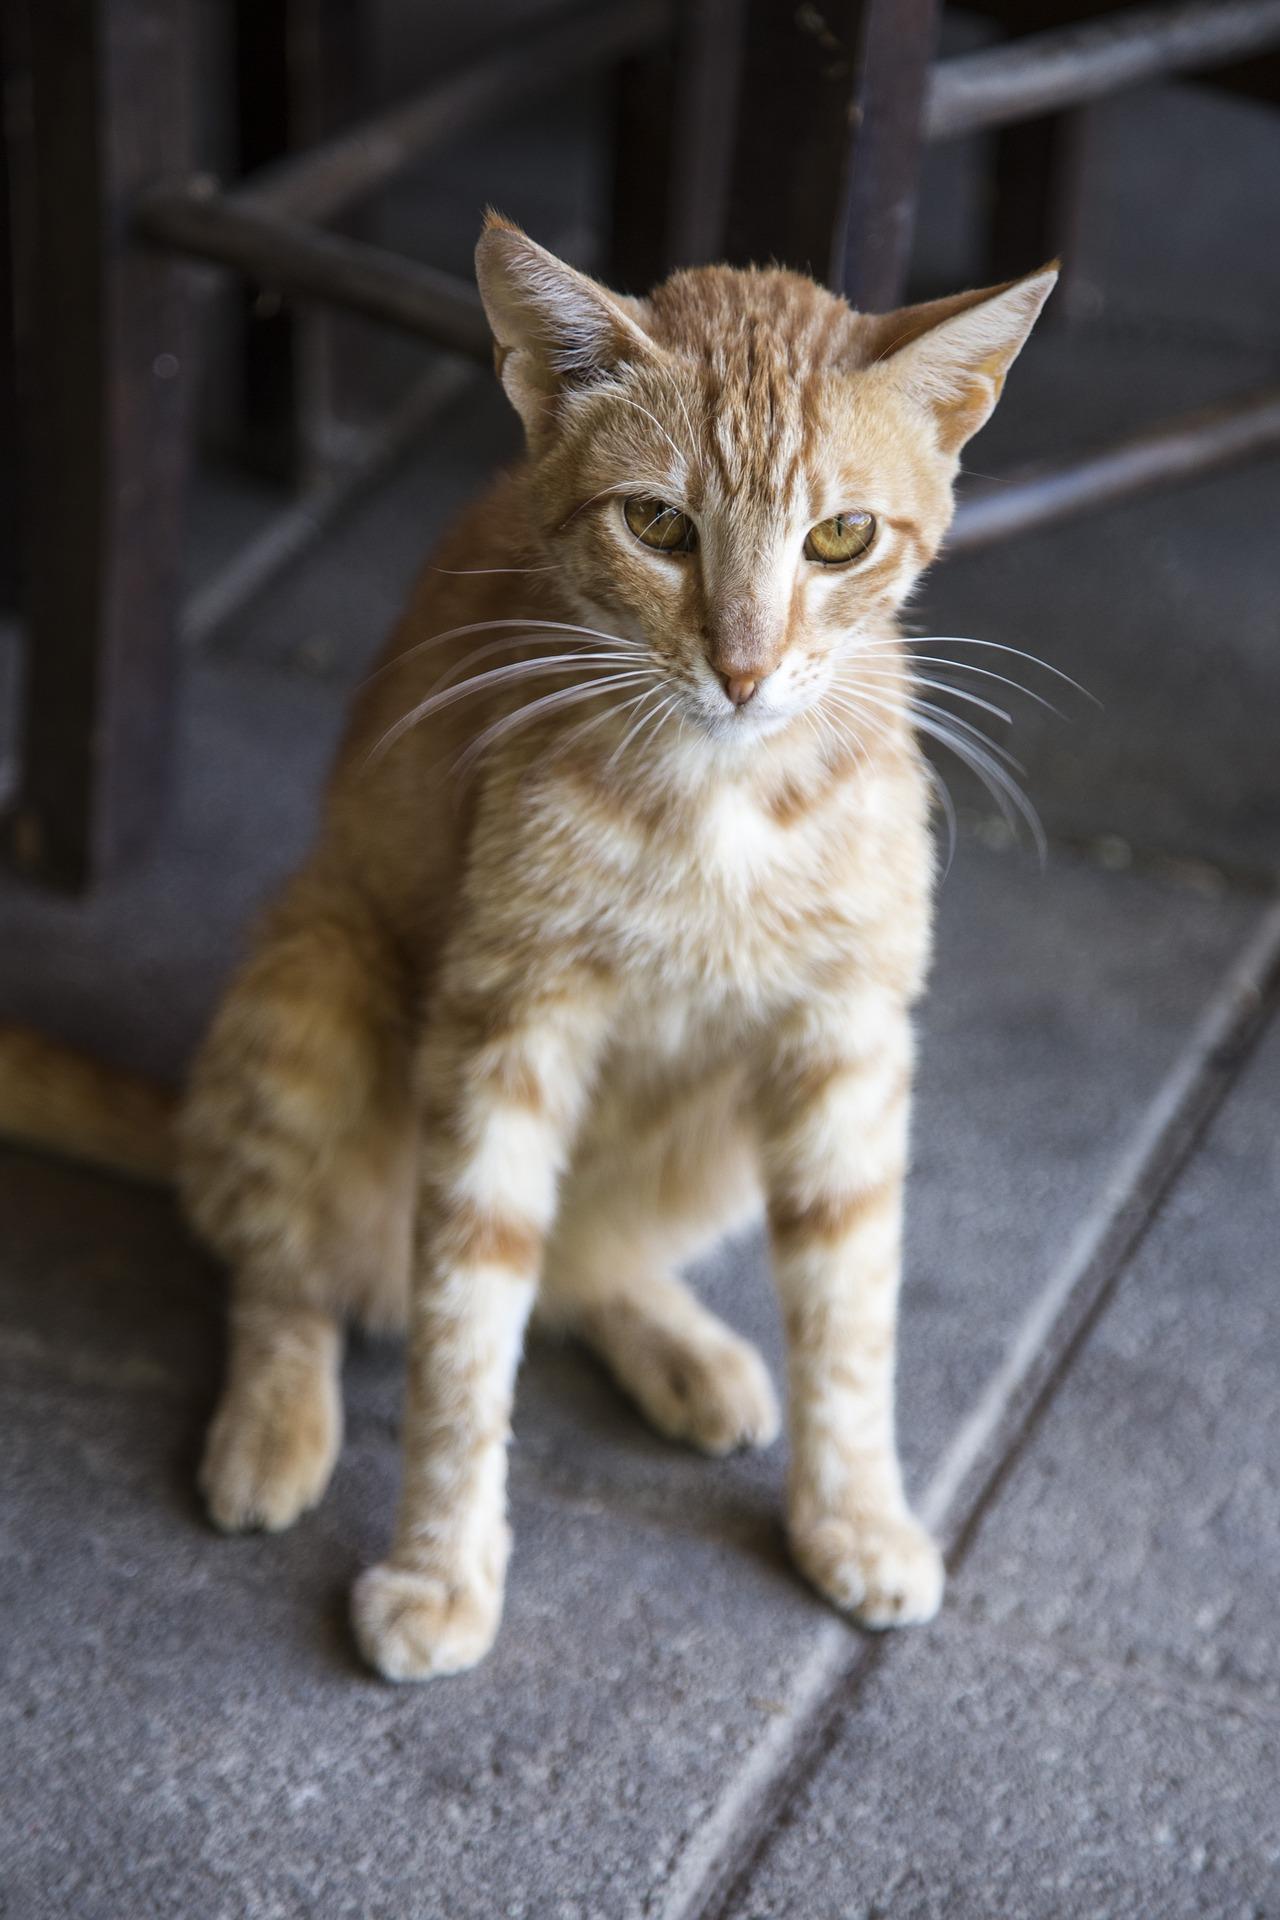 cat-1542855_1920